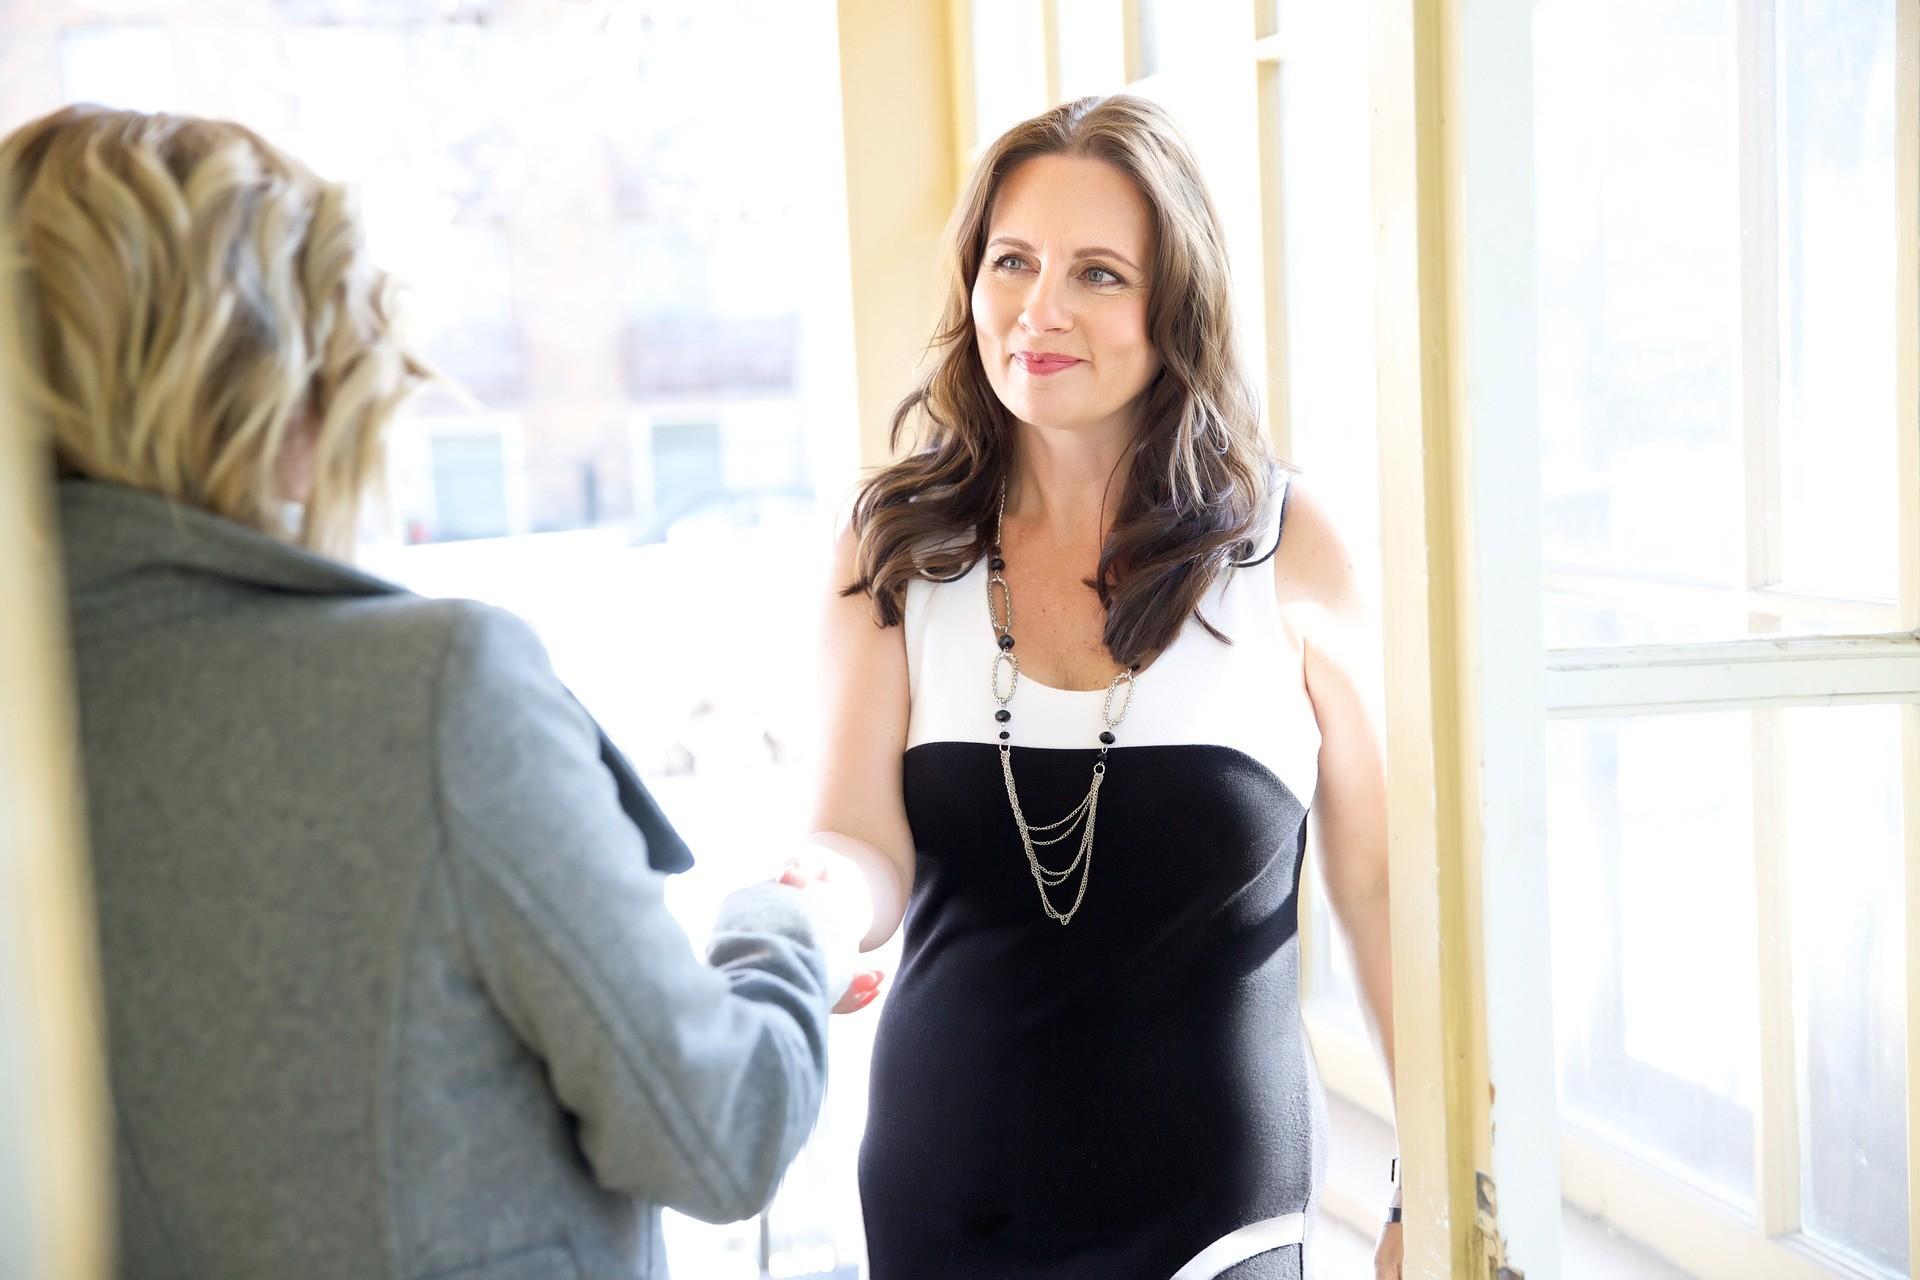 ▲職場婦女,媽媽,女性,女強人,職場,產假。(圖/翻攝自pixabay)